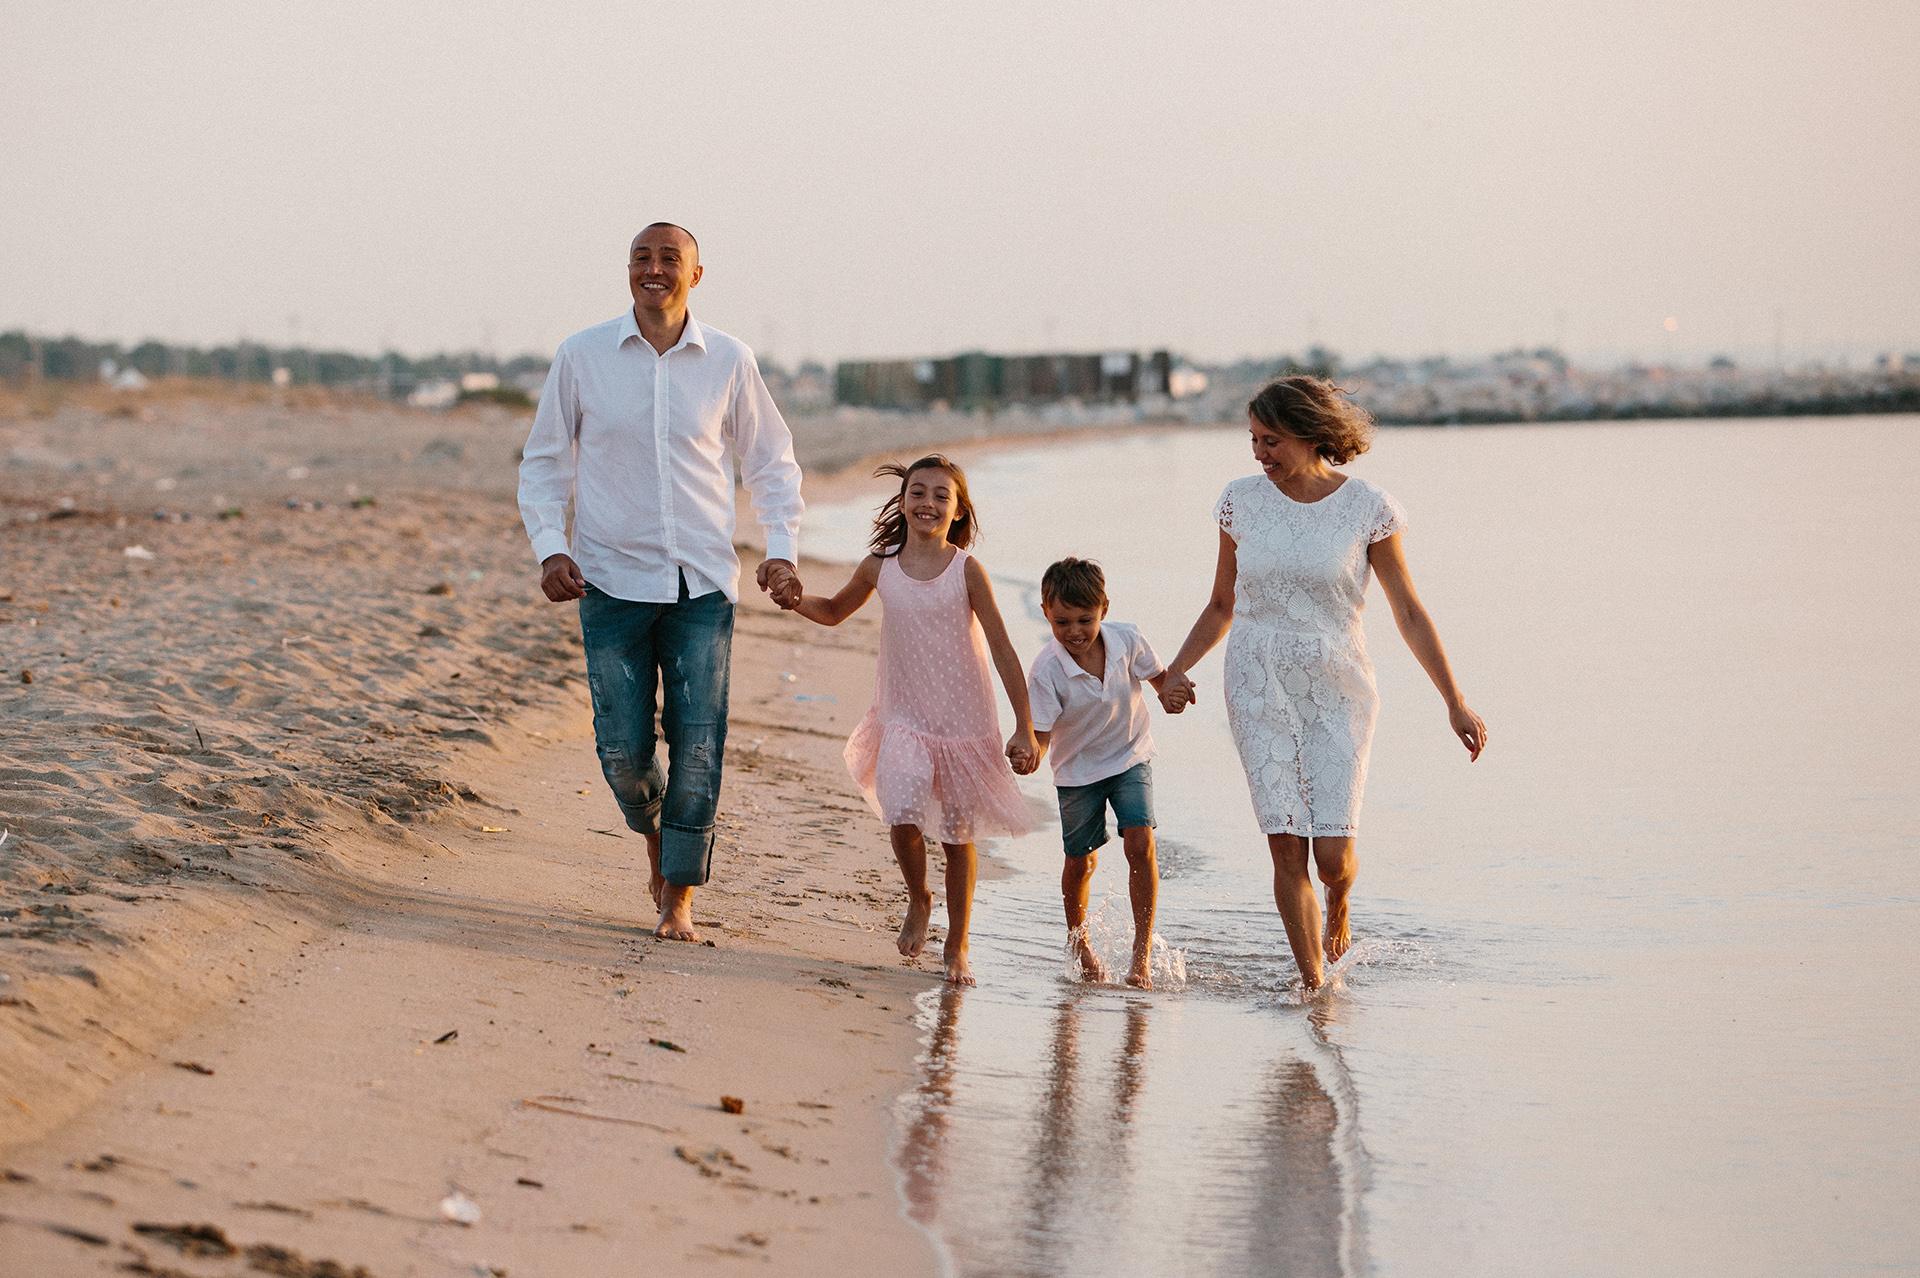 famiglia con due bambini cammina in riva al mare